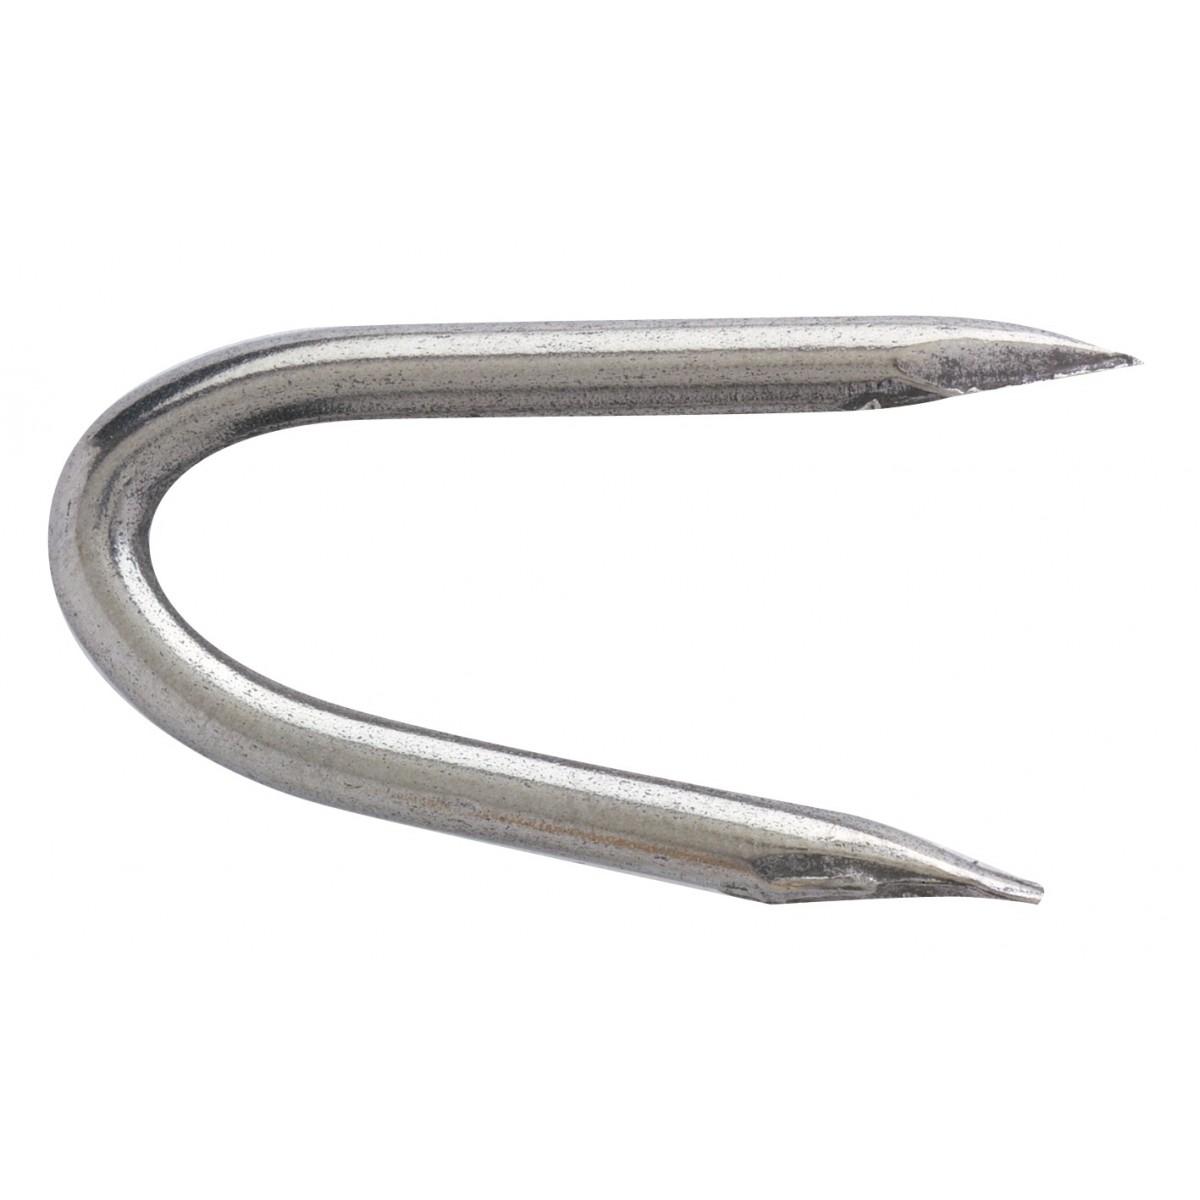 Crampillon clair acier ordinaire TE. Pointes - Longueur 27 mm - Diamètre 3 mm - 1 kg